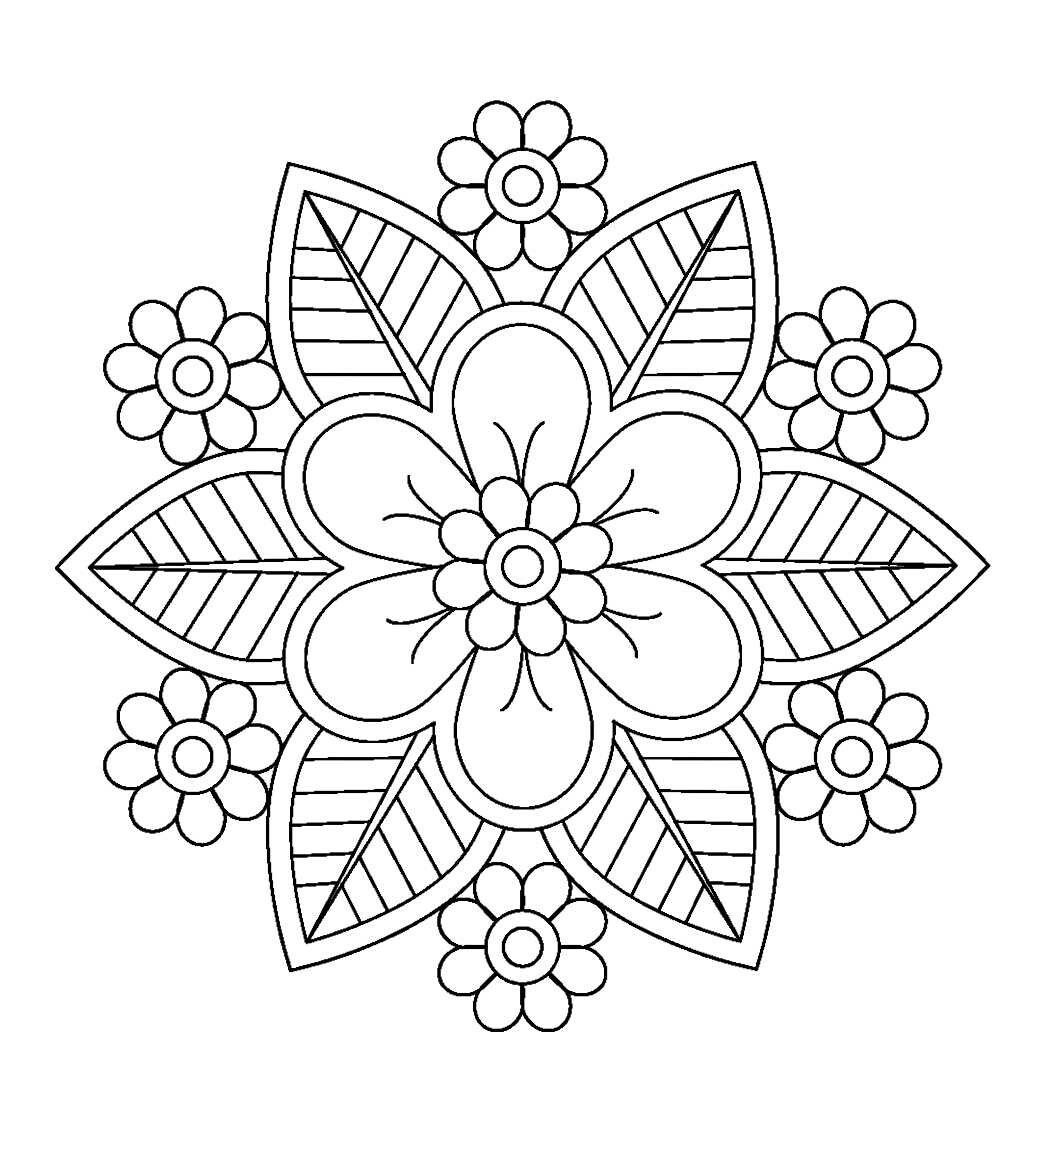 Pin de Dee Holle en Coloring Pages | Pinterest | Mandalas, Bordado y ...